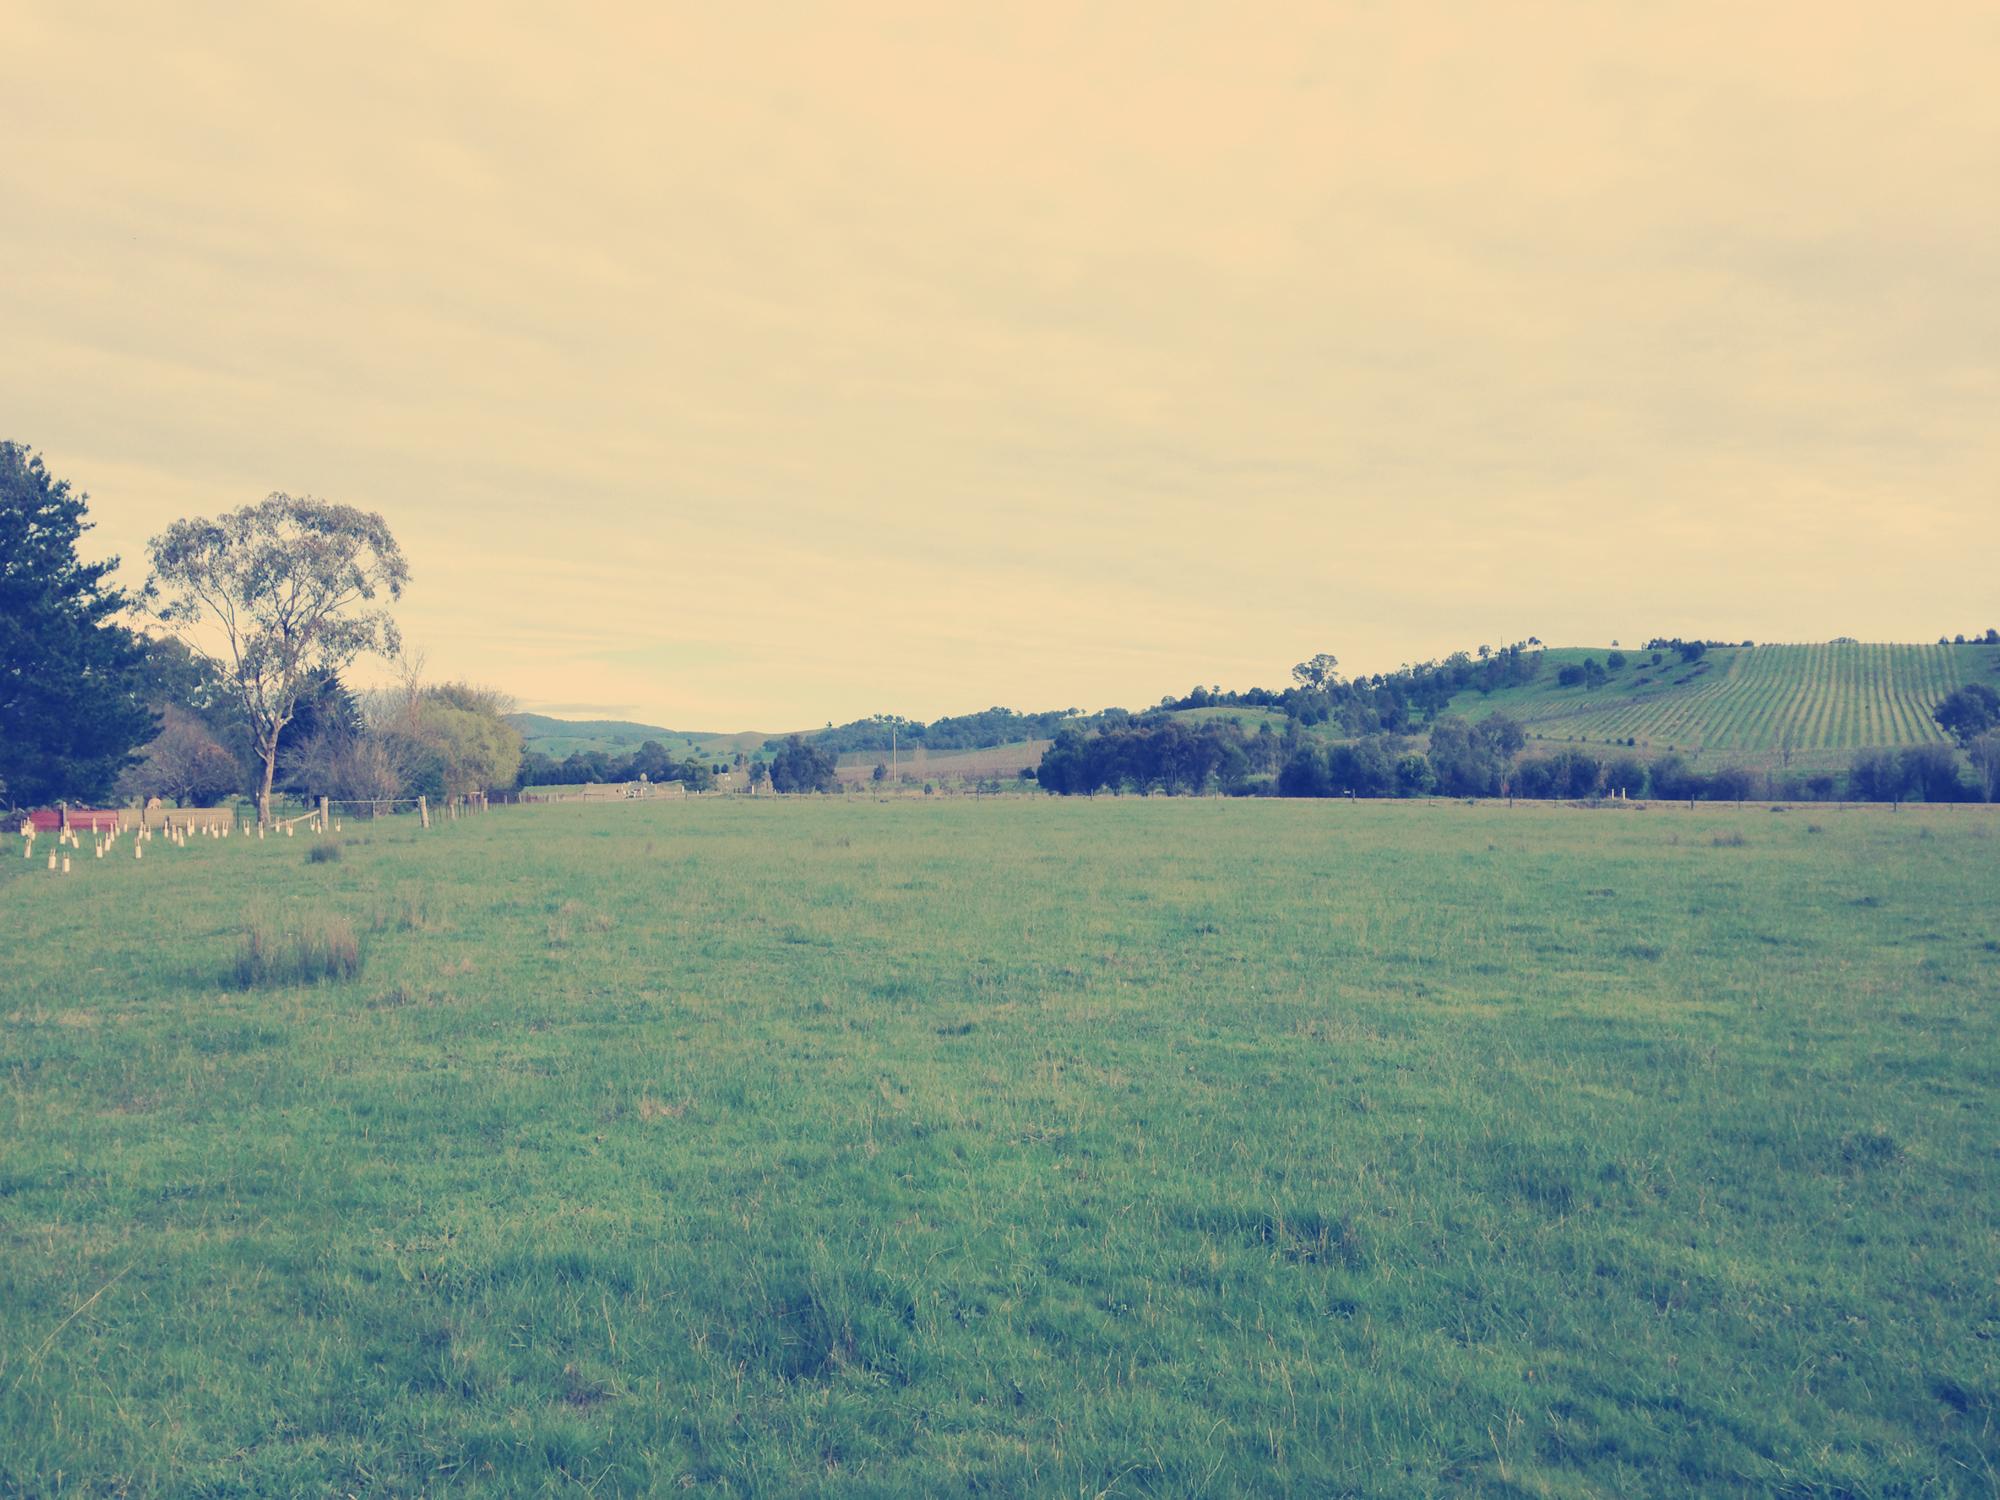 Nashville; Photography; Landscape; Rural